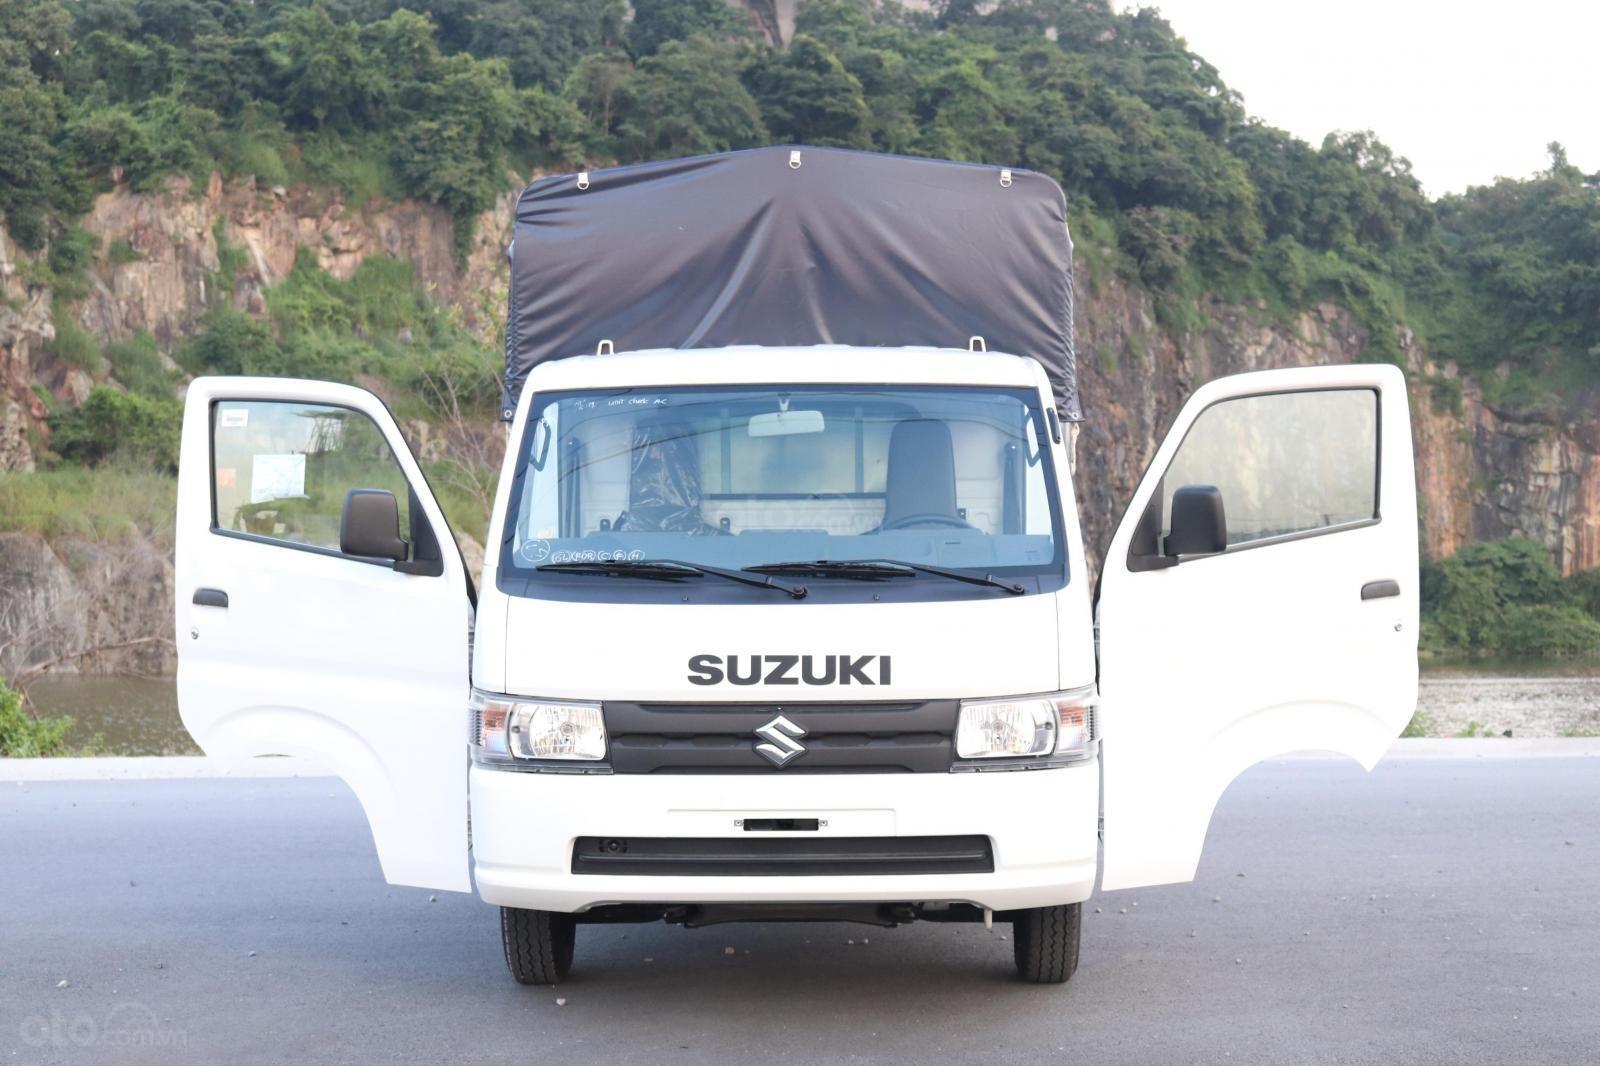 Bán Suzuki Carry Pro 2020, giá chỉ 310 triệu, trả góp chỉ 95 triệu đồng nhận xe (7)